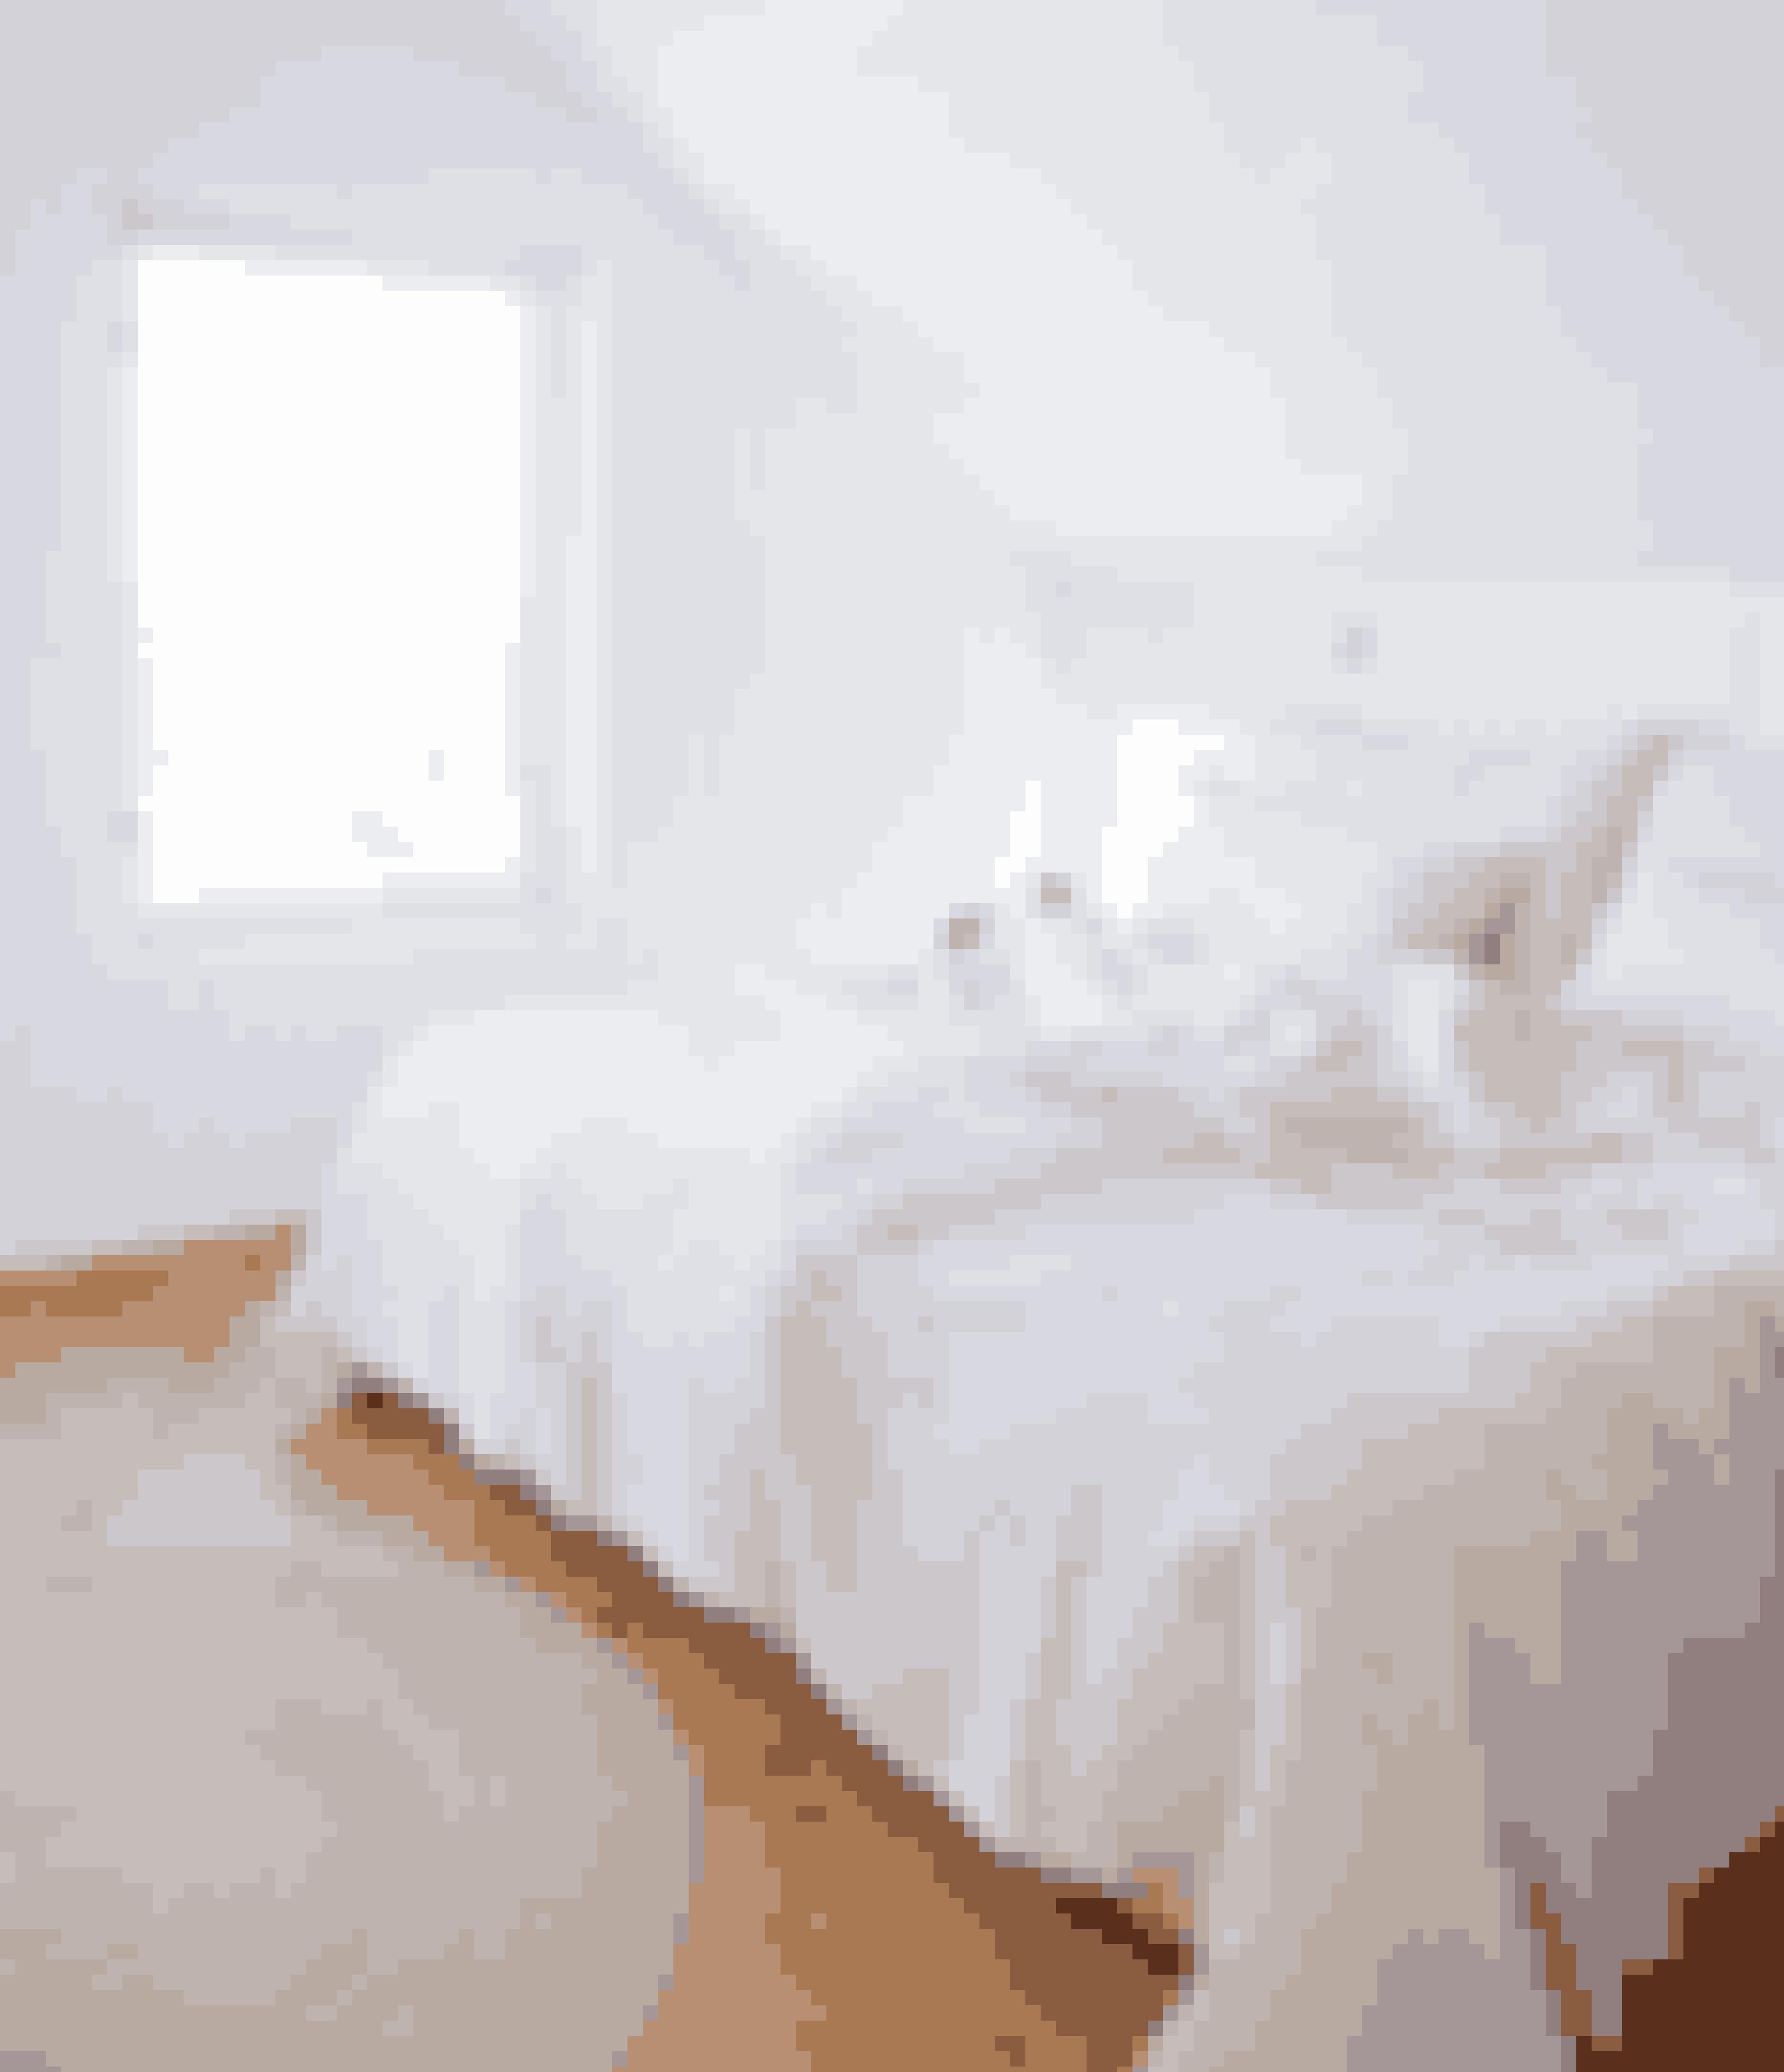 Hold dit soveværelse helt i hvidt for at skabe et roligt rum. Sengetøj i hør, bomuld og andre naturlige materialer giver en nordisk følelse.